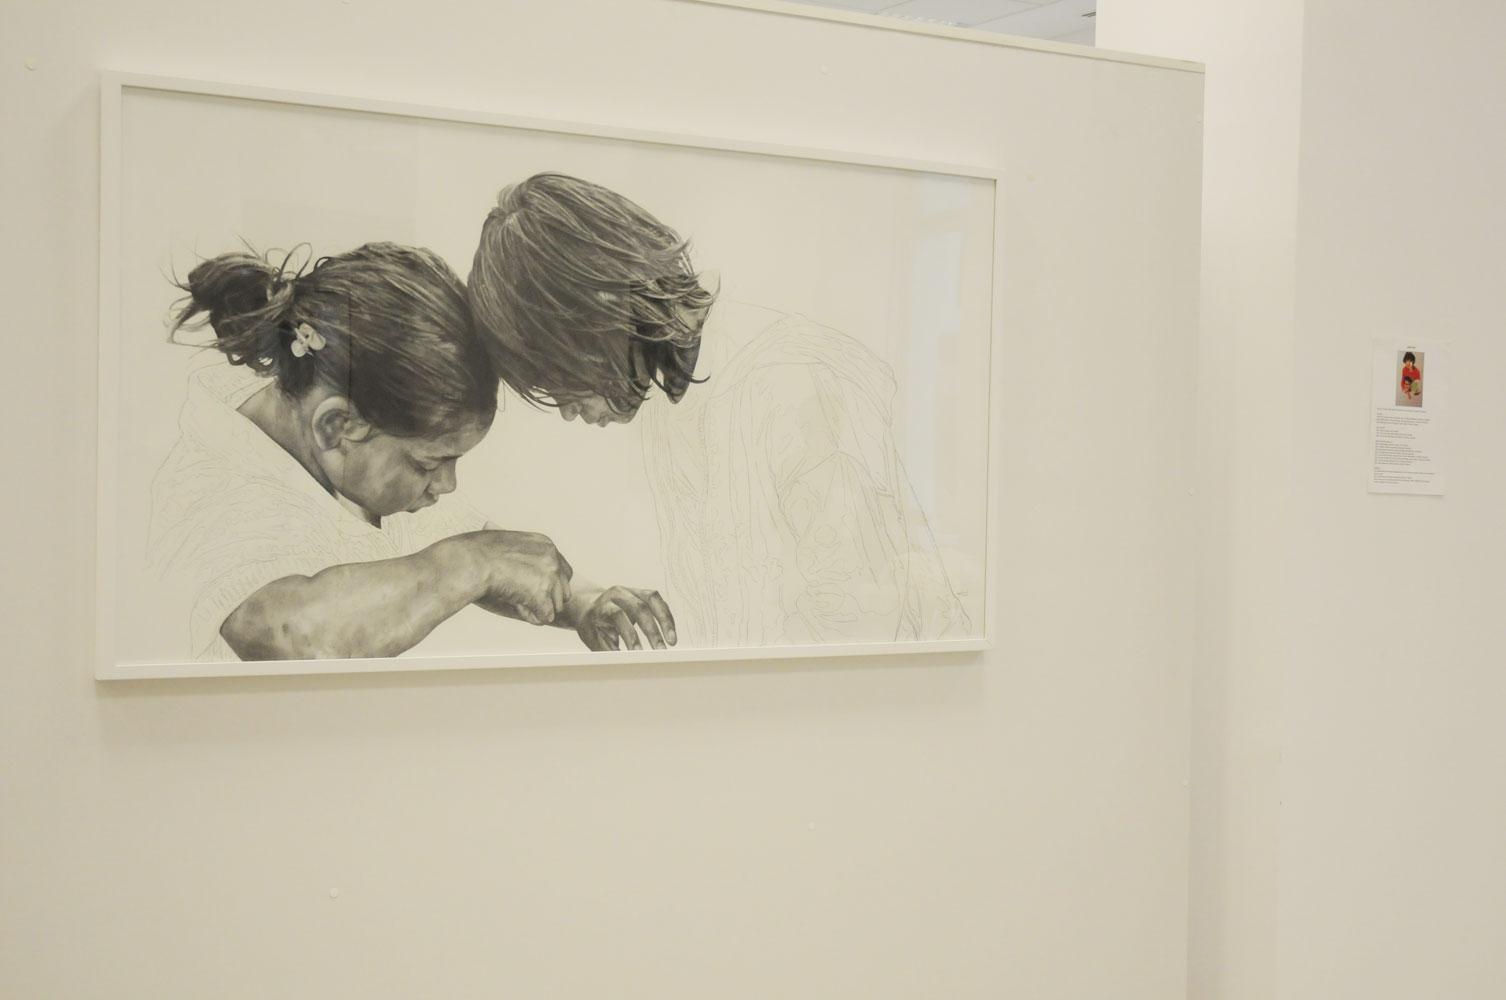 Daniel Brici, solo show Copiii care nu se vad @ Nasui collection & gallery Bucuresti (7)